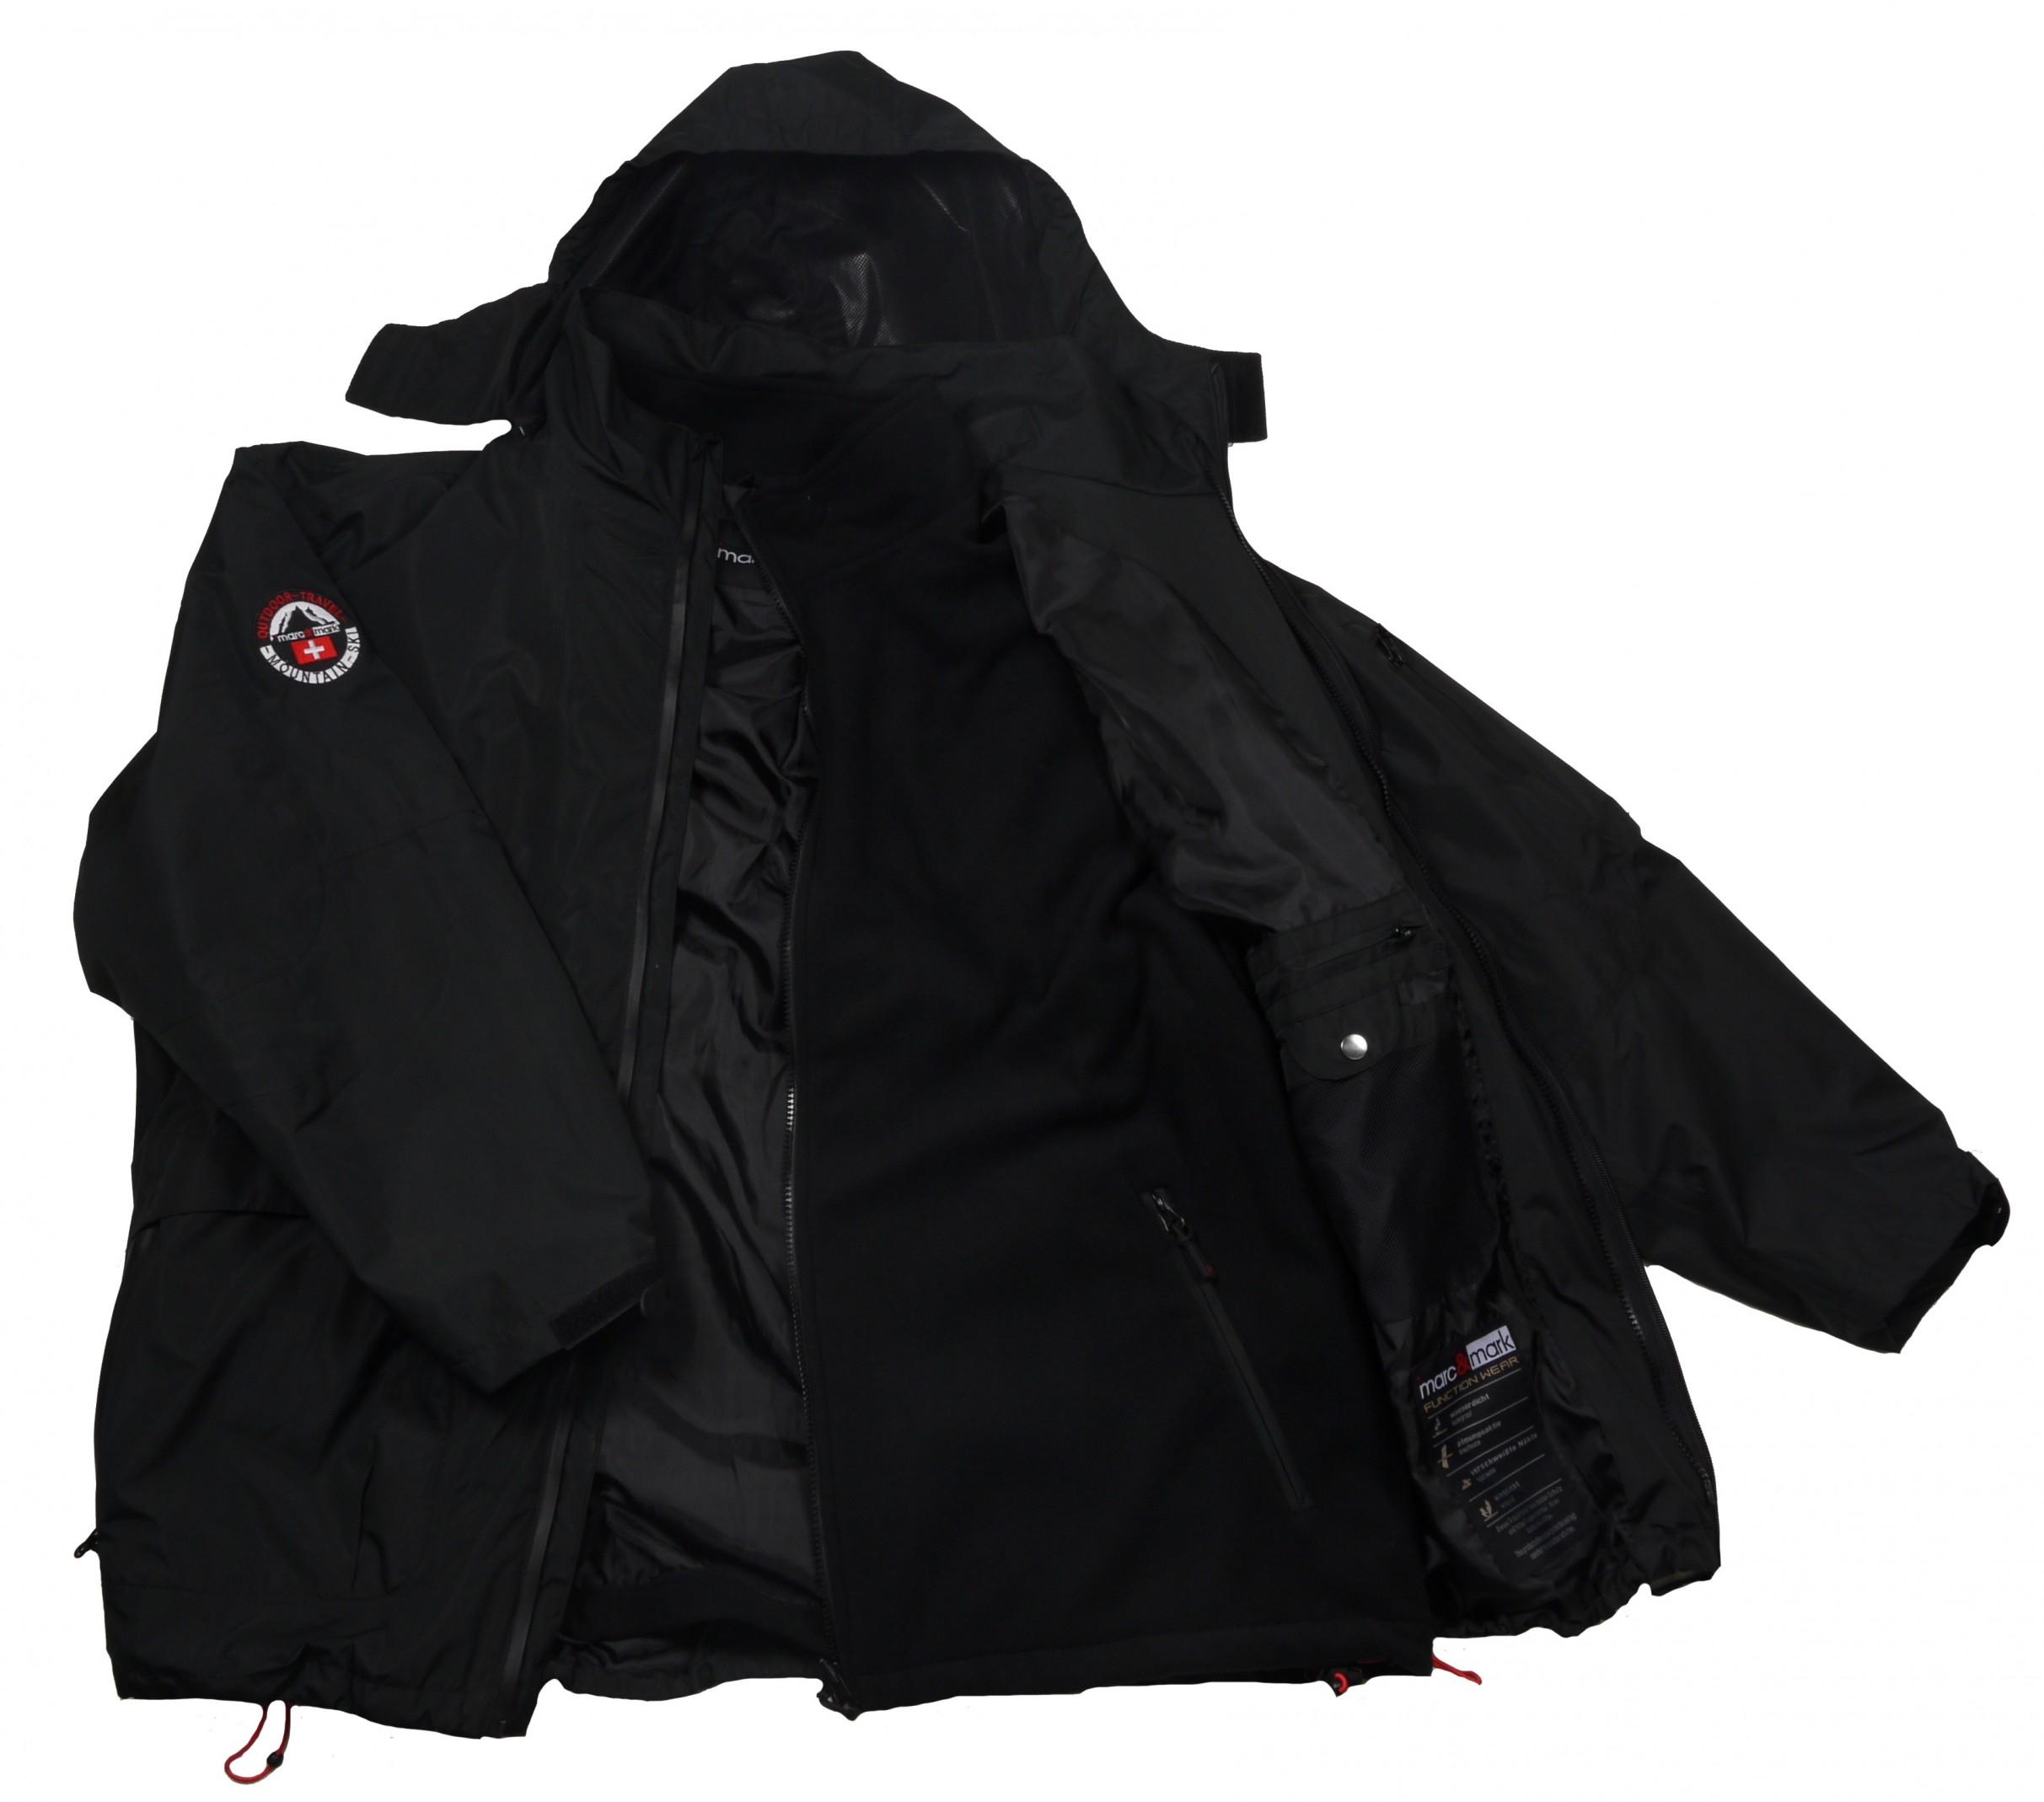 premium selection 187f8 54073 3in1 Jacke Genf in Herren- Übergröße bis 10XL, schwarz